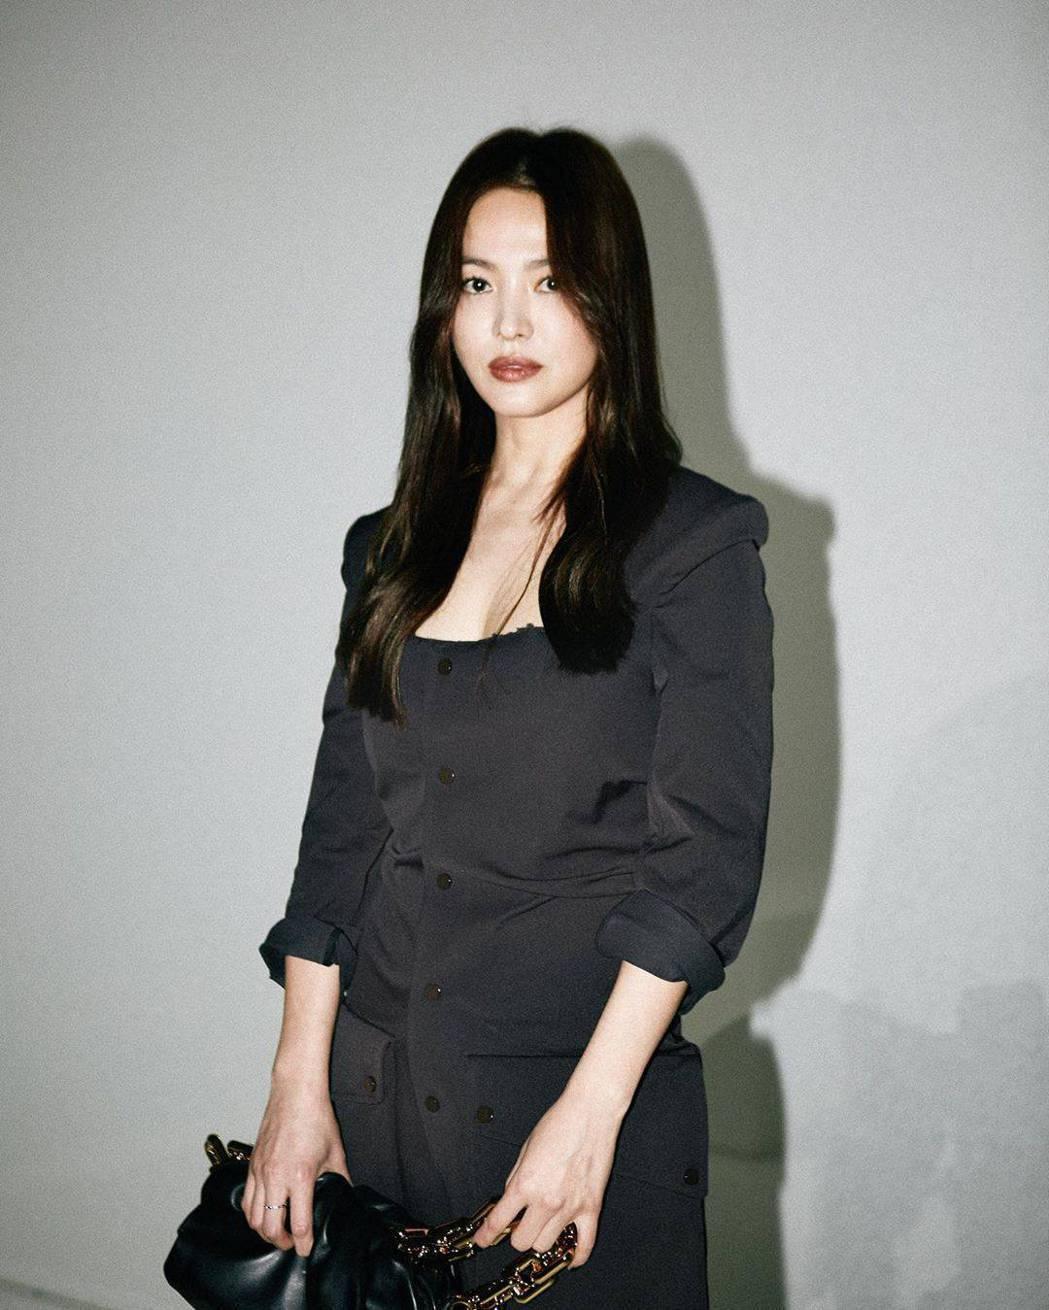 宋慧喬在米蘭時裝周的裝扮驚豔全場。圖/摘自IG